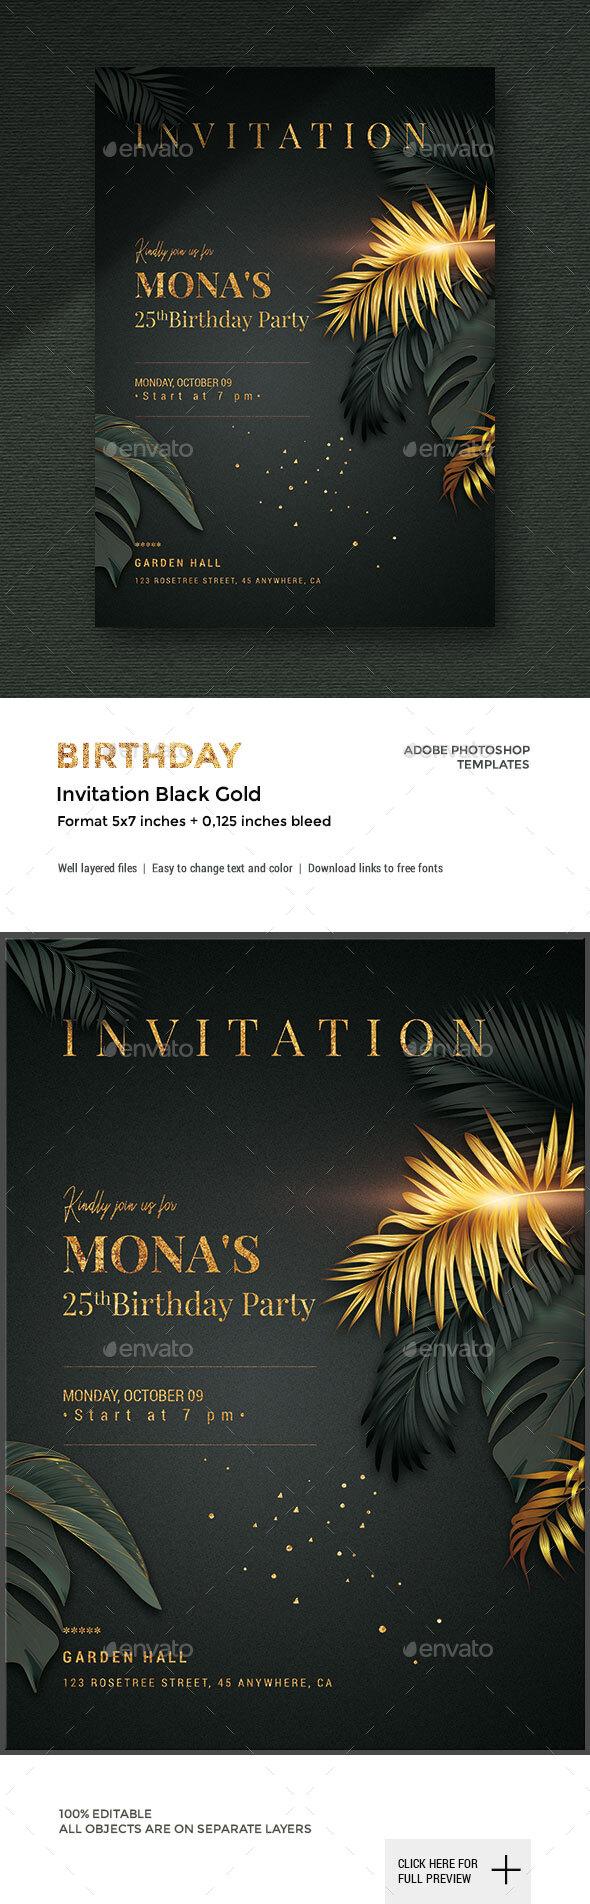 Black/Gold - Birthday Invitation by corrella | GraphicRiver